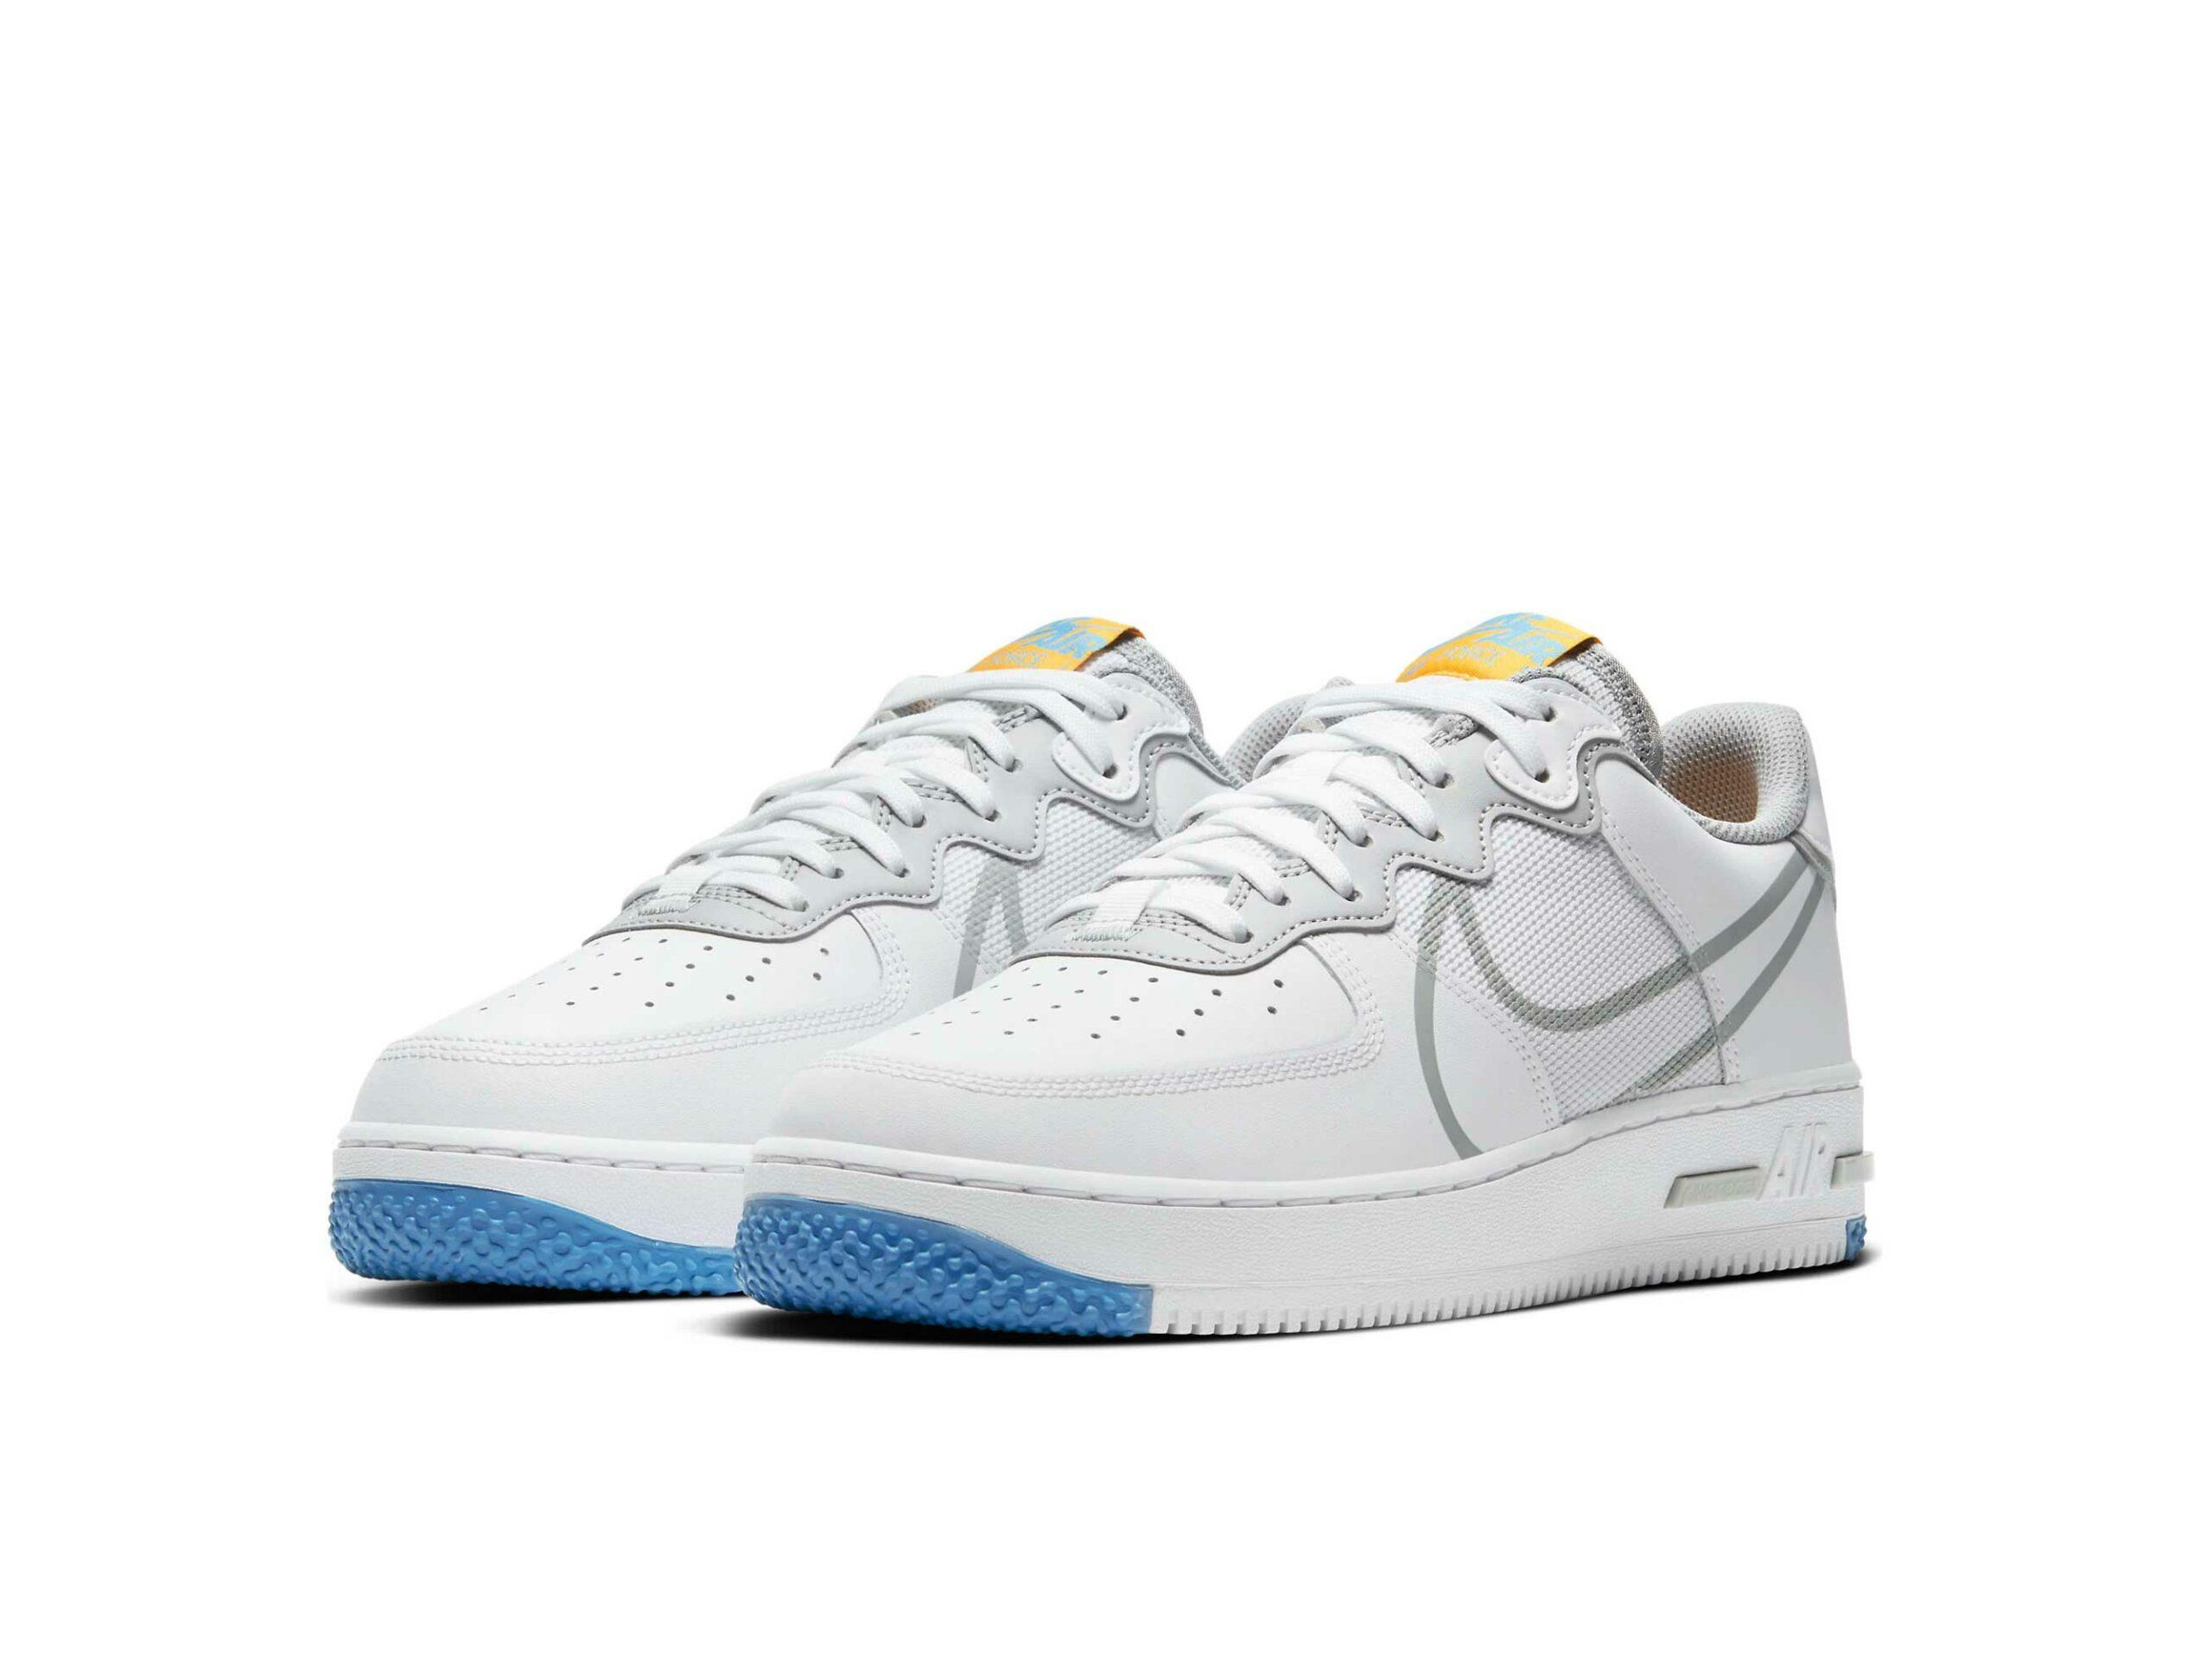 nike air force 1 react white smoke grey ct1020_100 купить